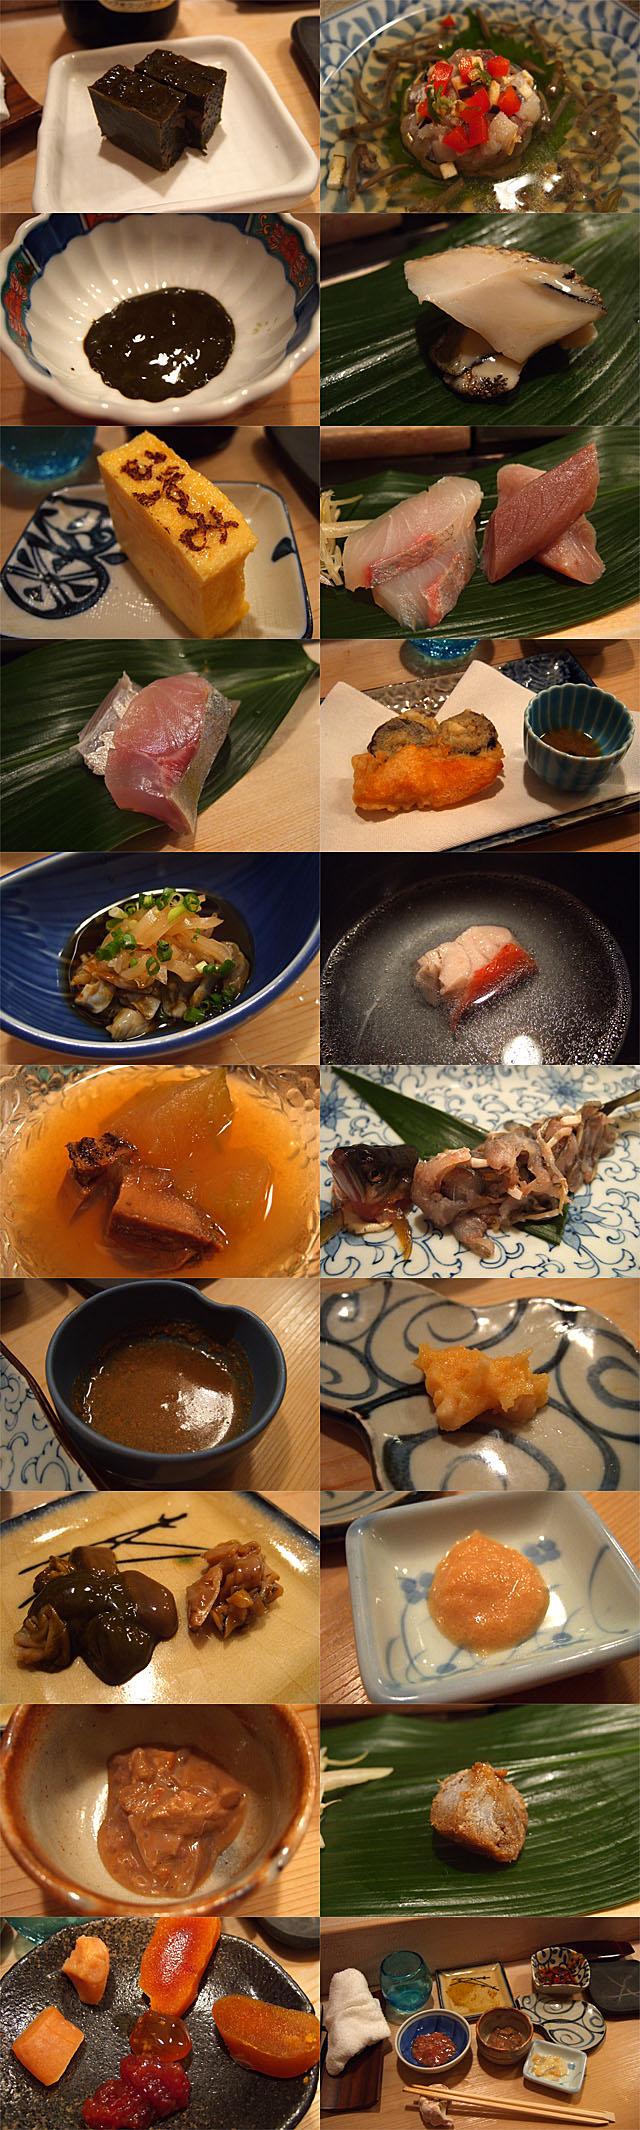 0908121_001_寿司いずみ